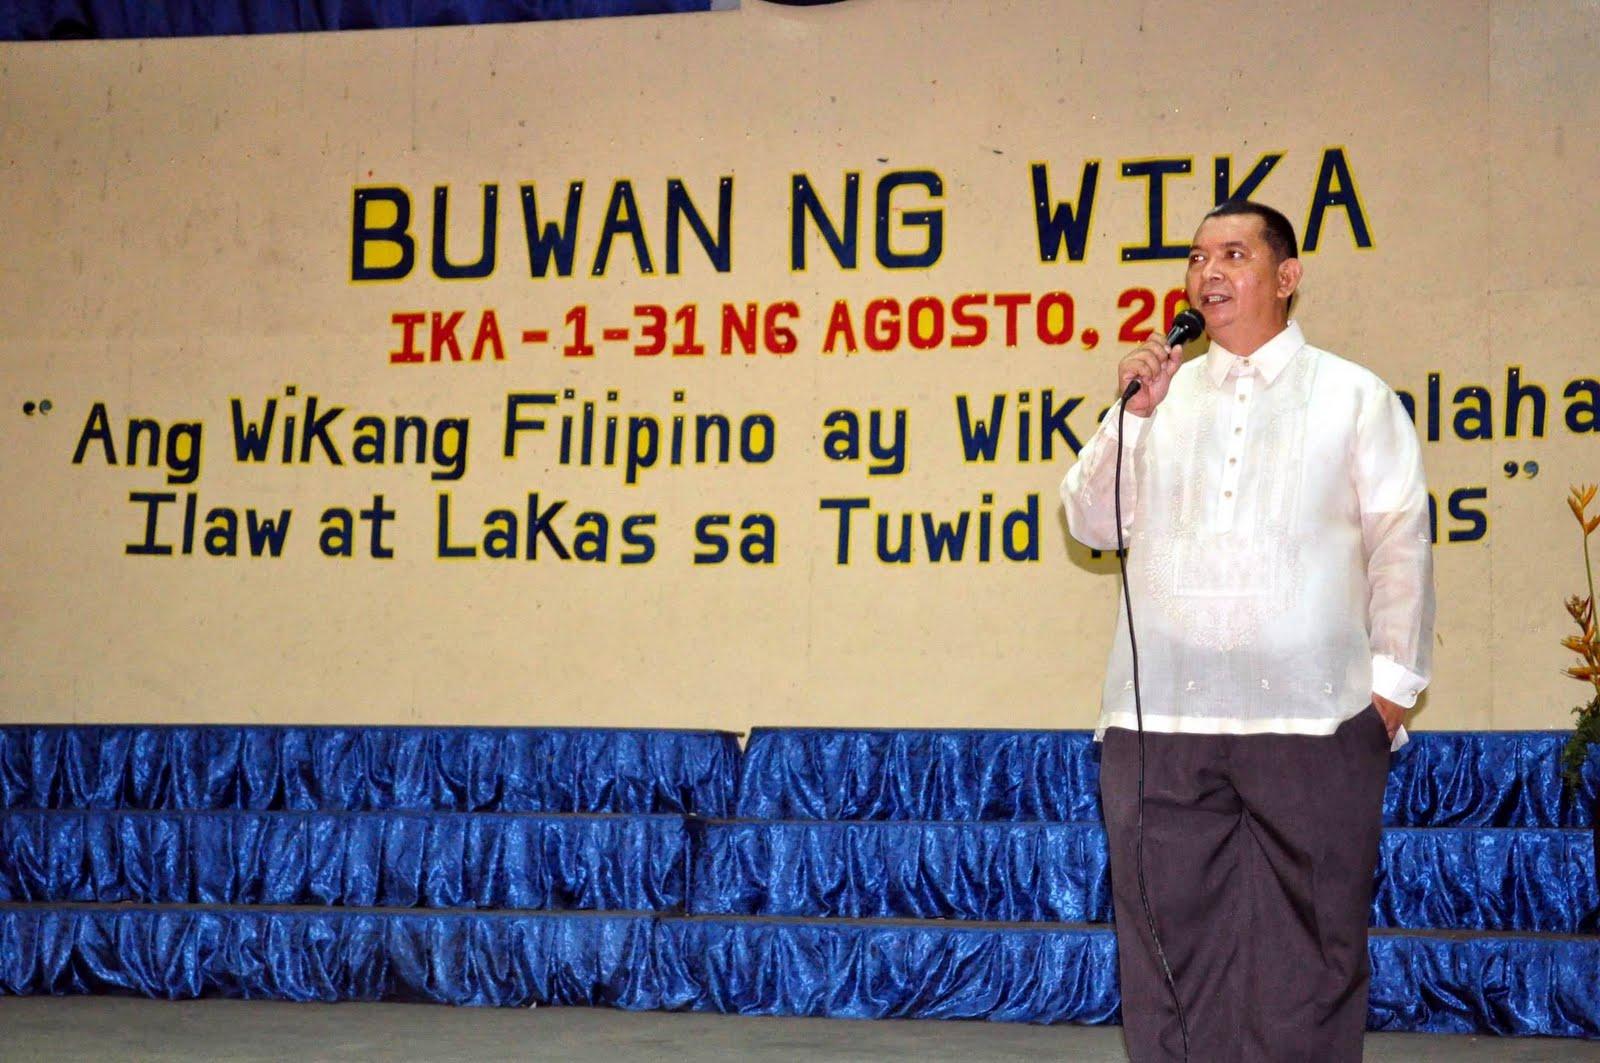 Pambansang Wika: Filipino